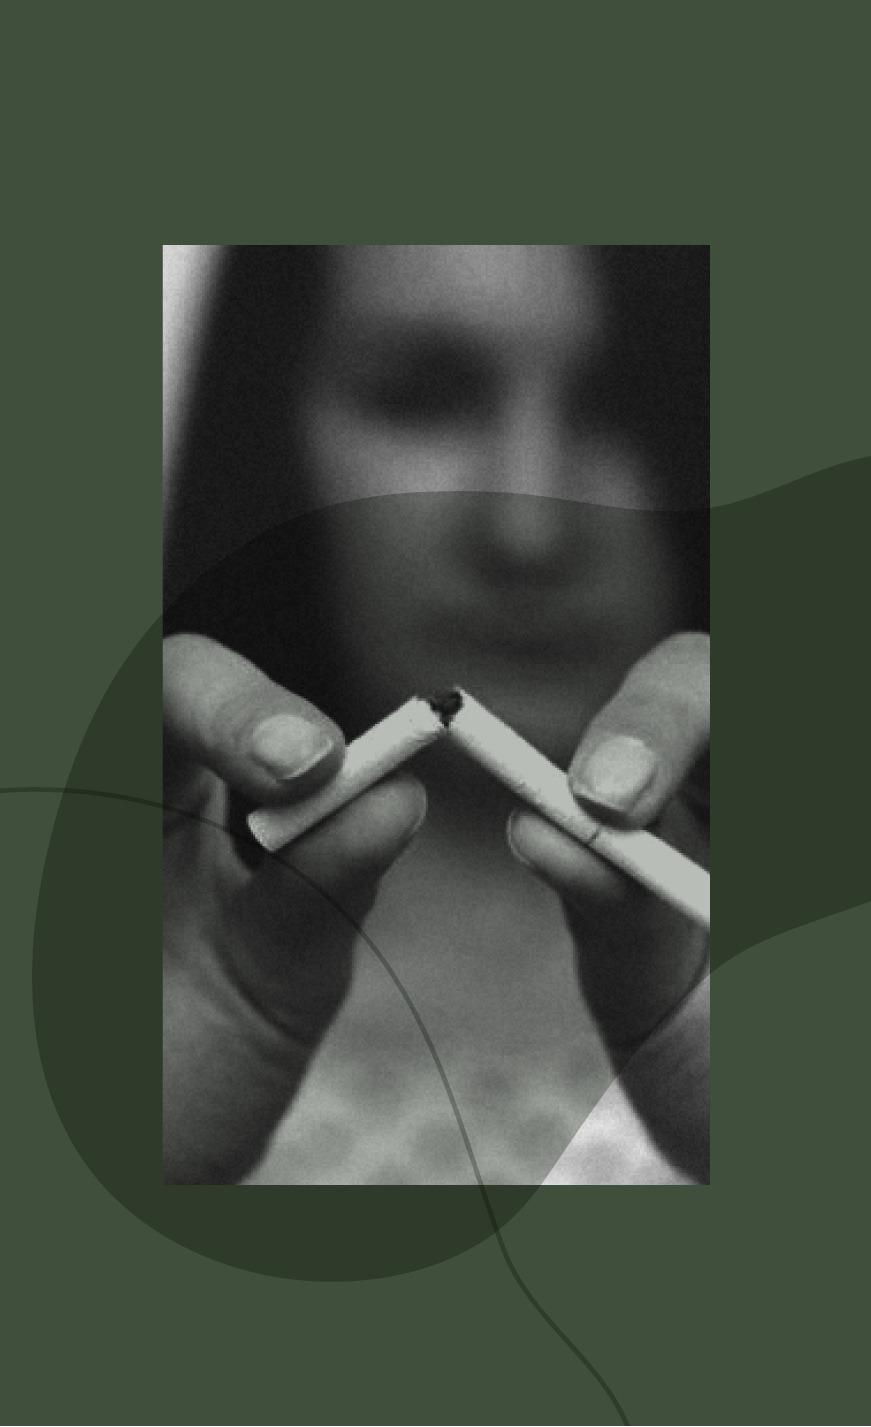 photo en noir et blanc sur fond vert d'une femme tenant dans ses mains une cigarette cassée. La photo illustre la cure arrêt du tabac que propose la luxopuncture